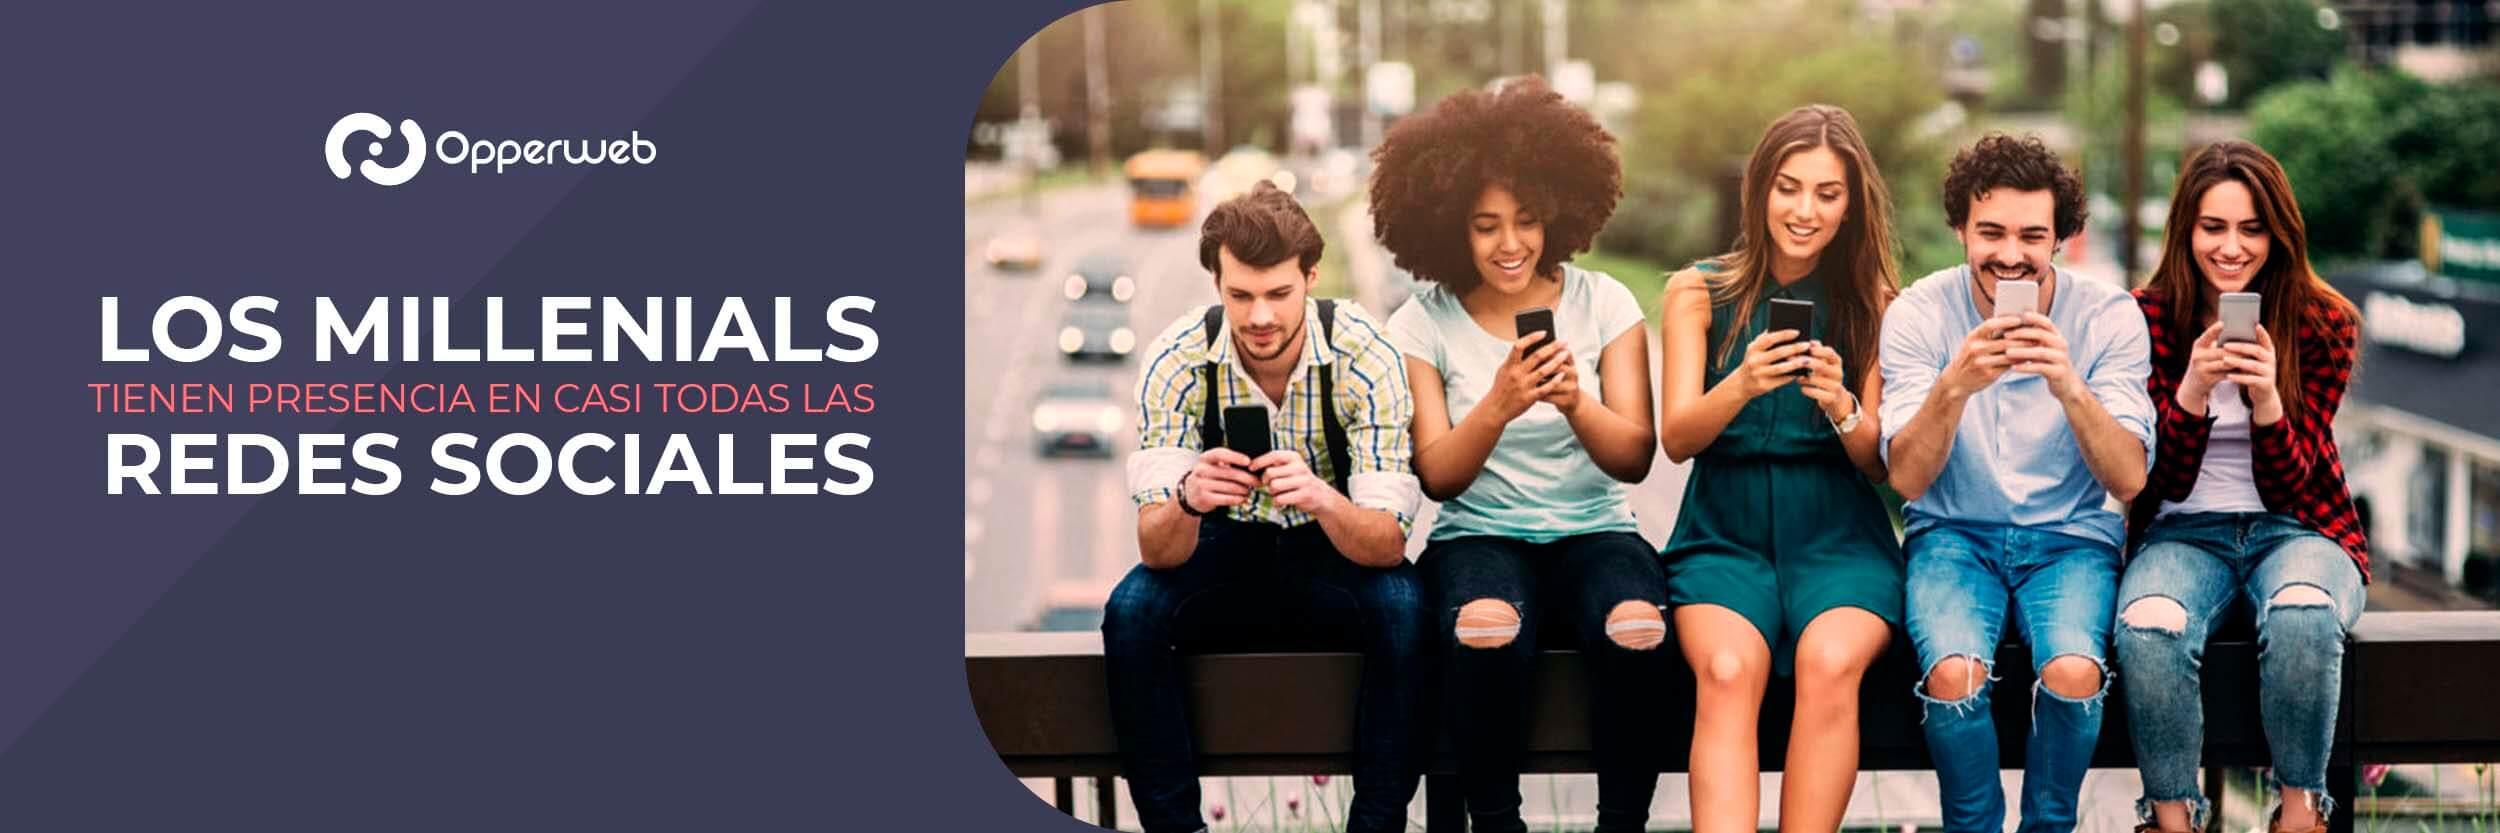 Los Millennials tienen presencia en casi todas las redes sociales